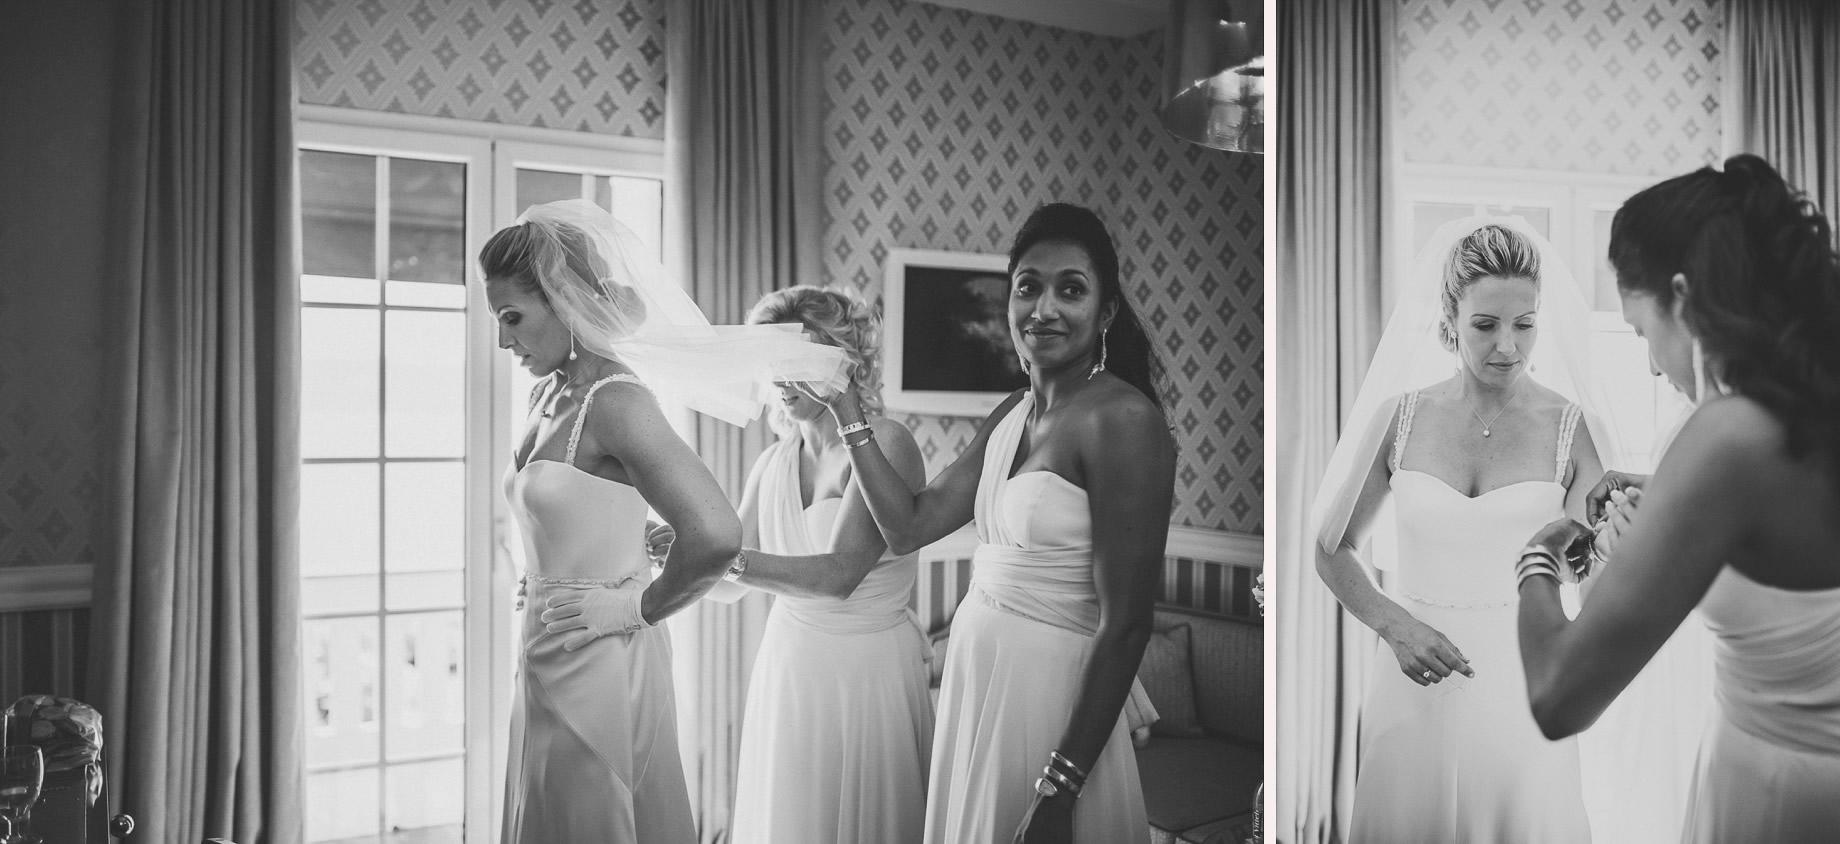 Jen and Priyan's Wedding at Hotel Belles Rives 058